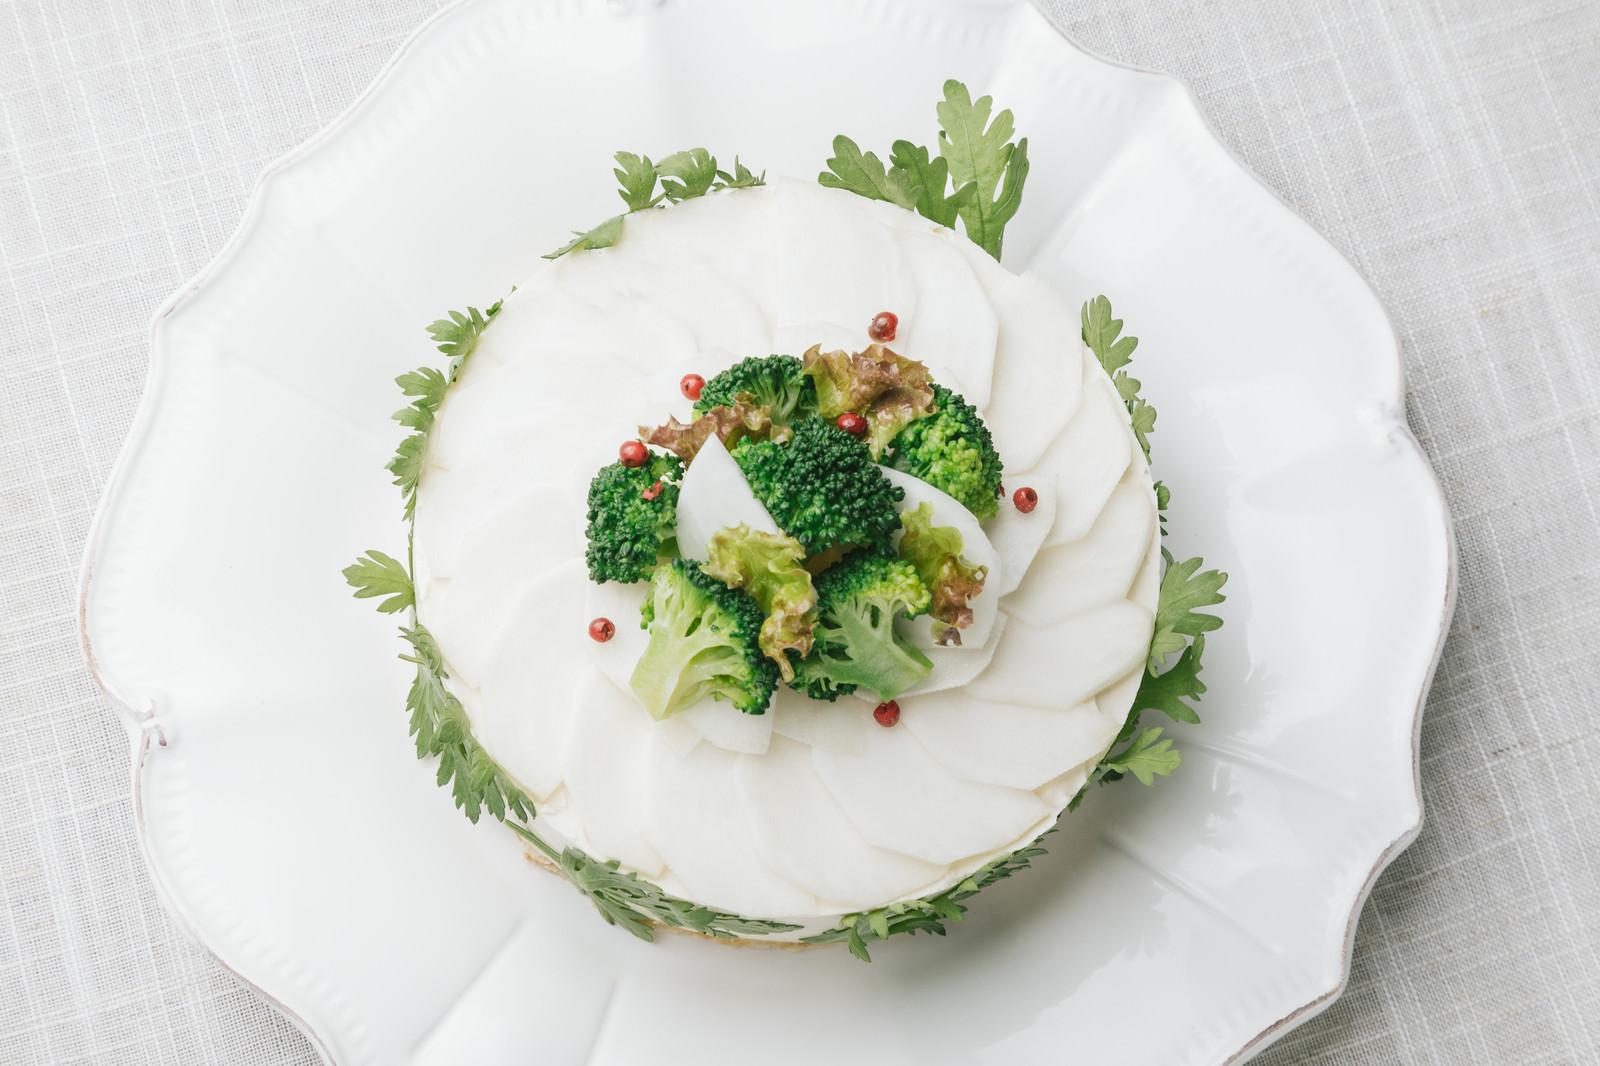 「ヘルシーなお祝いごとにもピッタリ!「ベジデコグリーンケーキ」」の写真